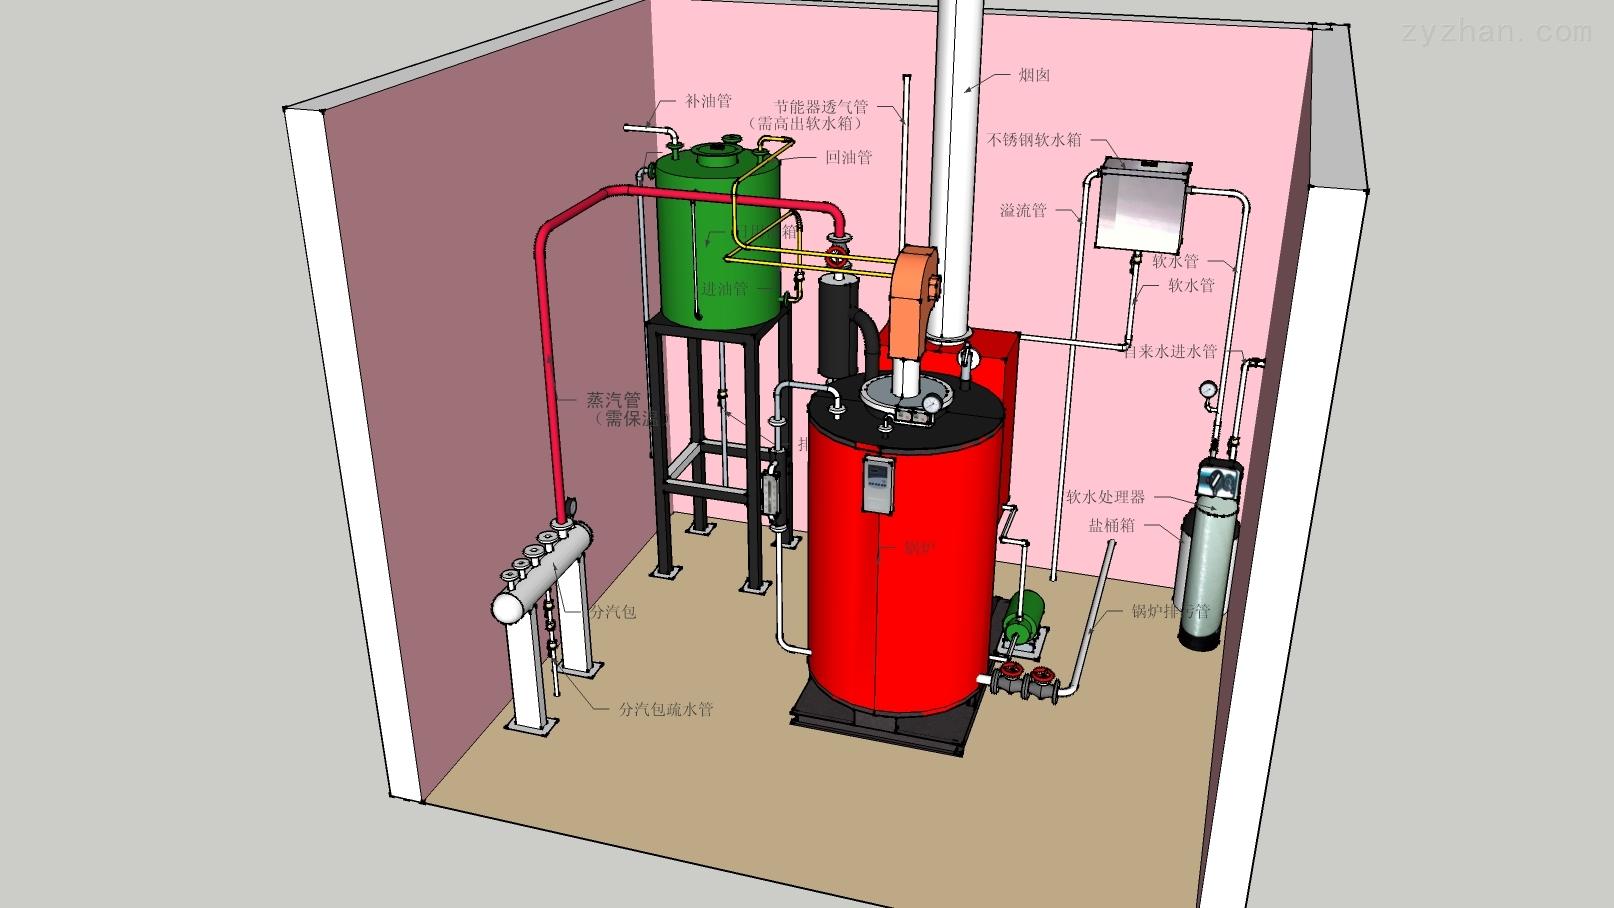 立式水管-燃气蒸汽锅炉-上海沪东锅炉厂有限公司